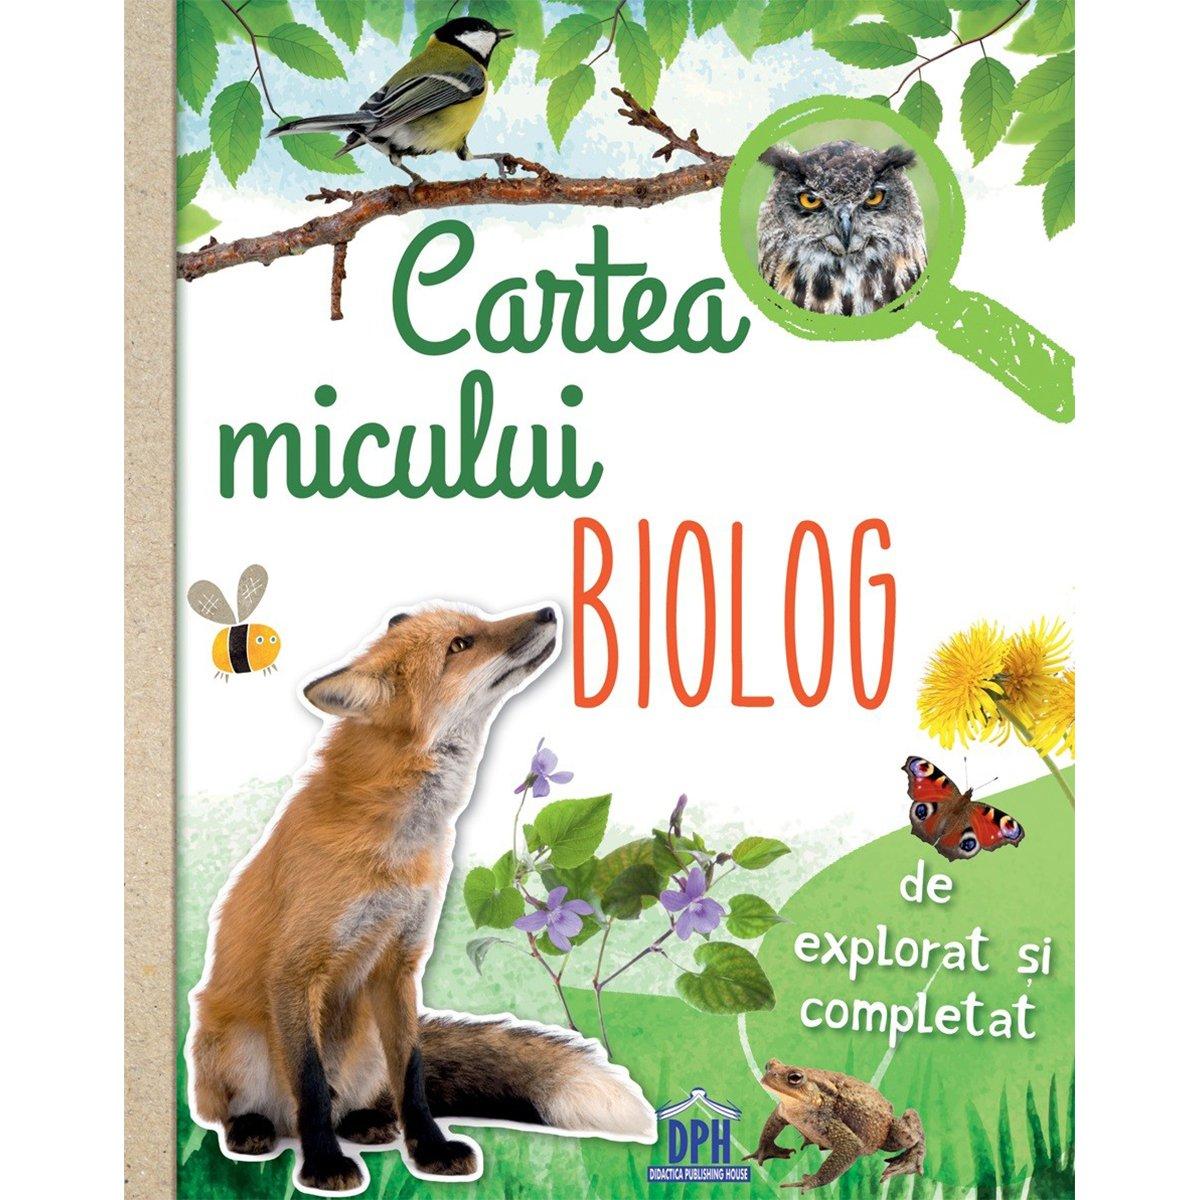 Carte Cartea micului biolog, Editura DPH